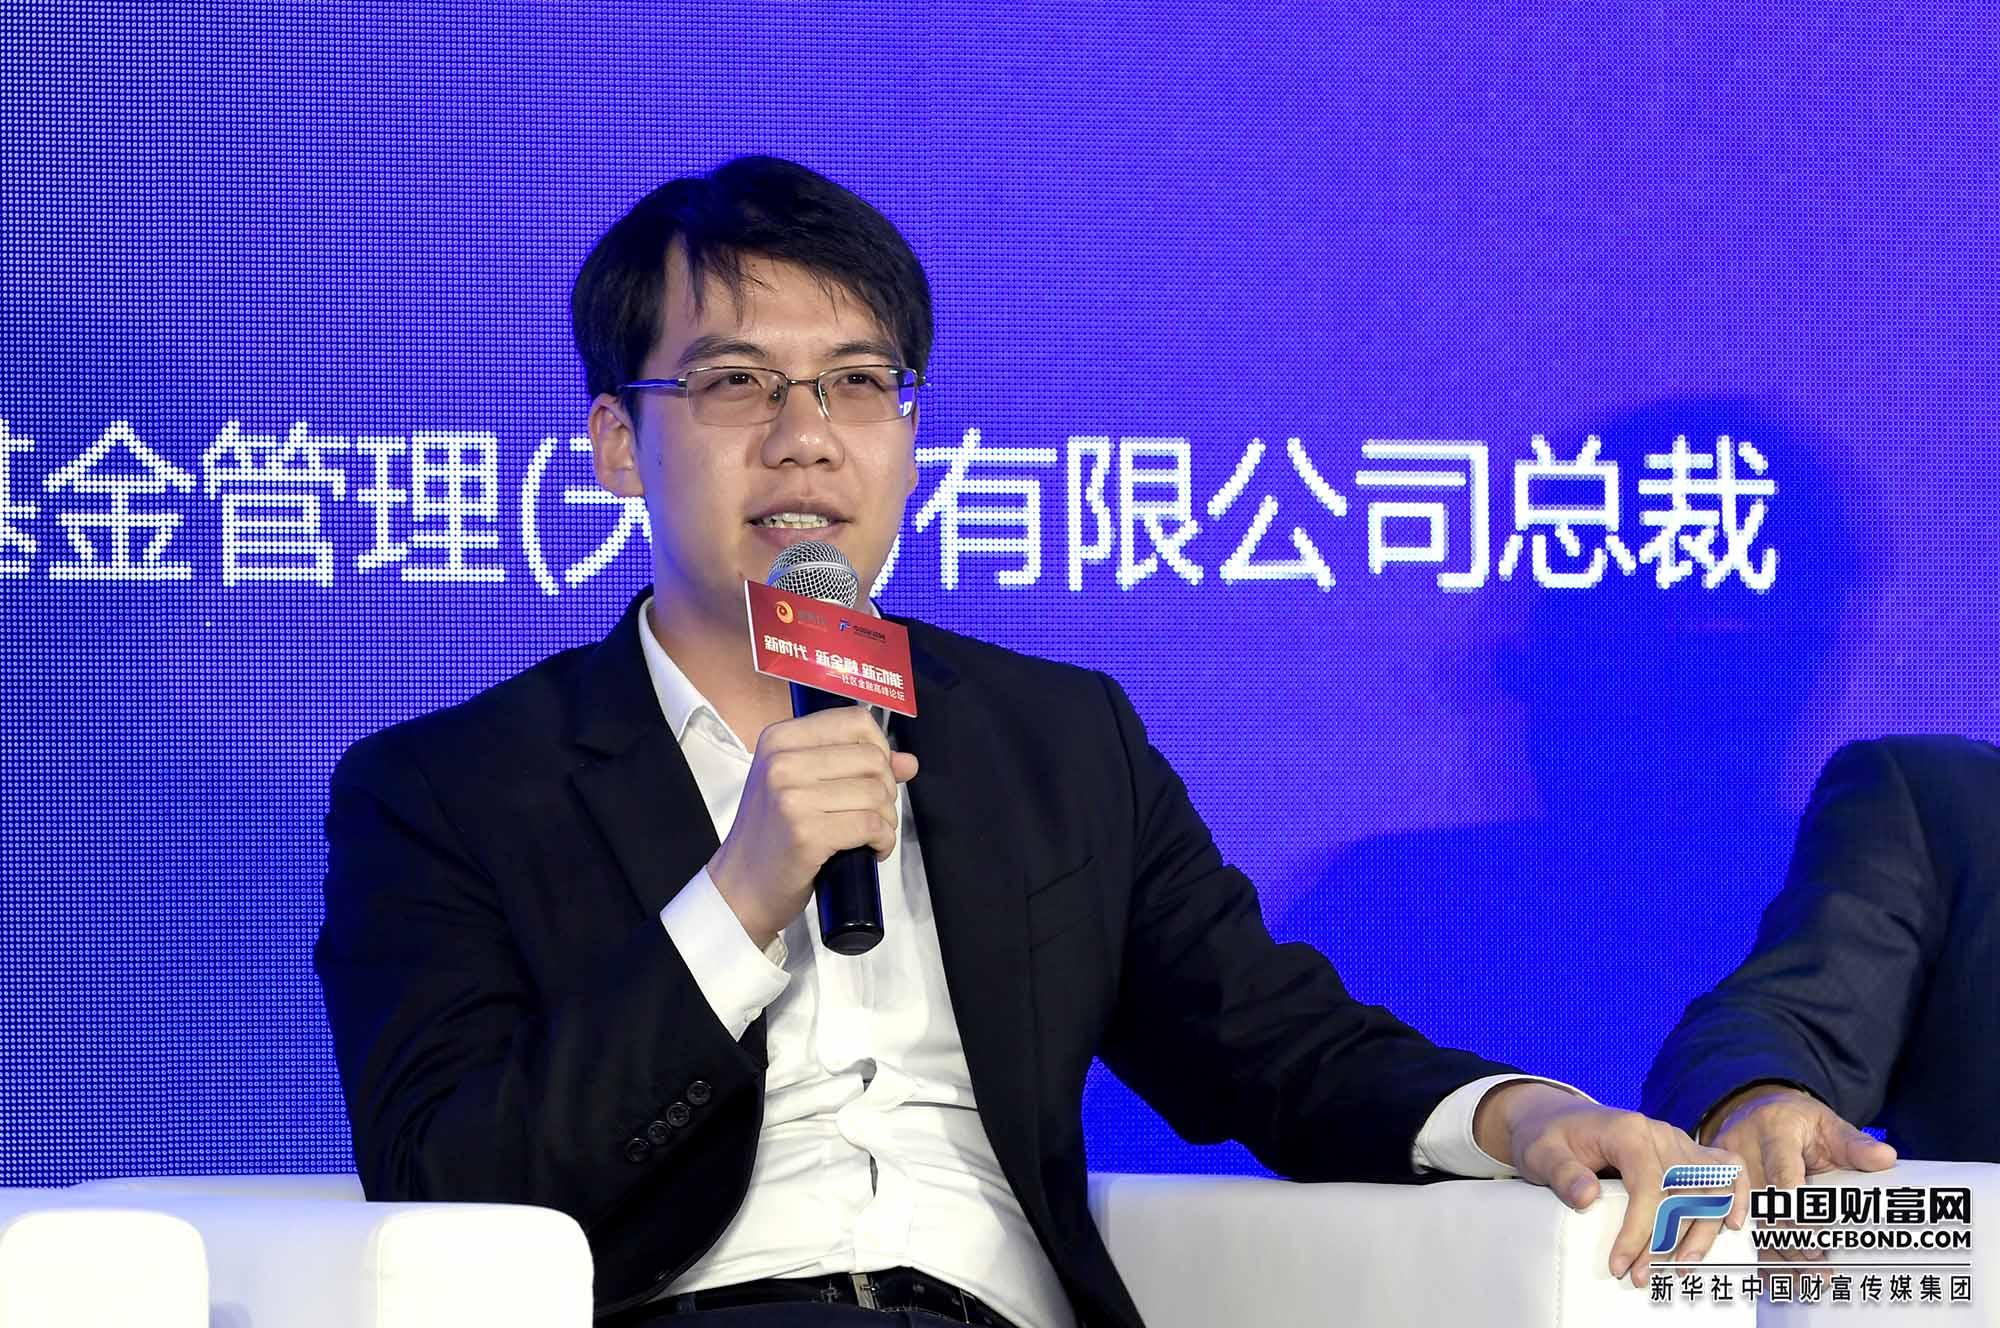 圆桌论坛二发言嘉宾:民生证券房地产行业分析师由子沛